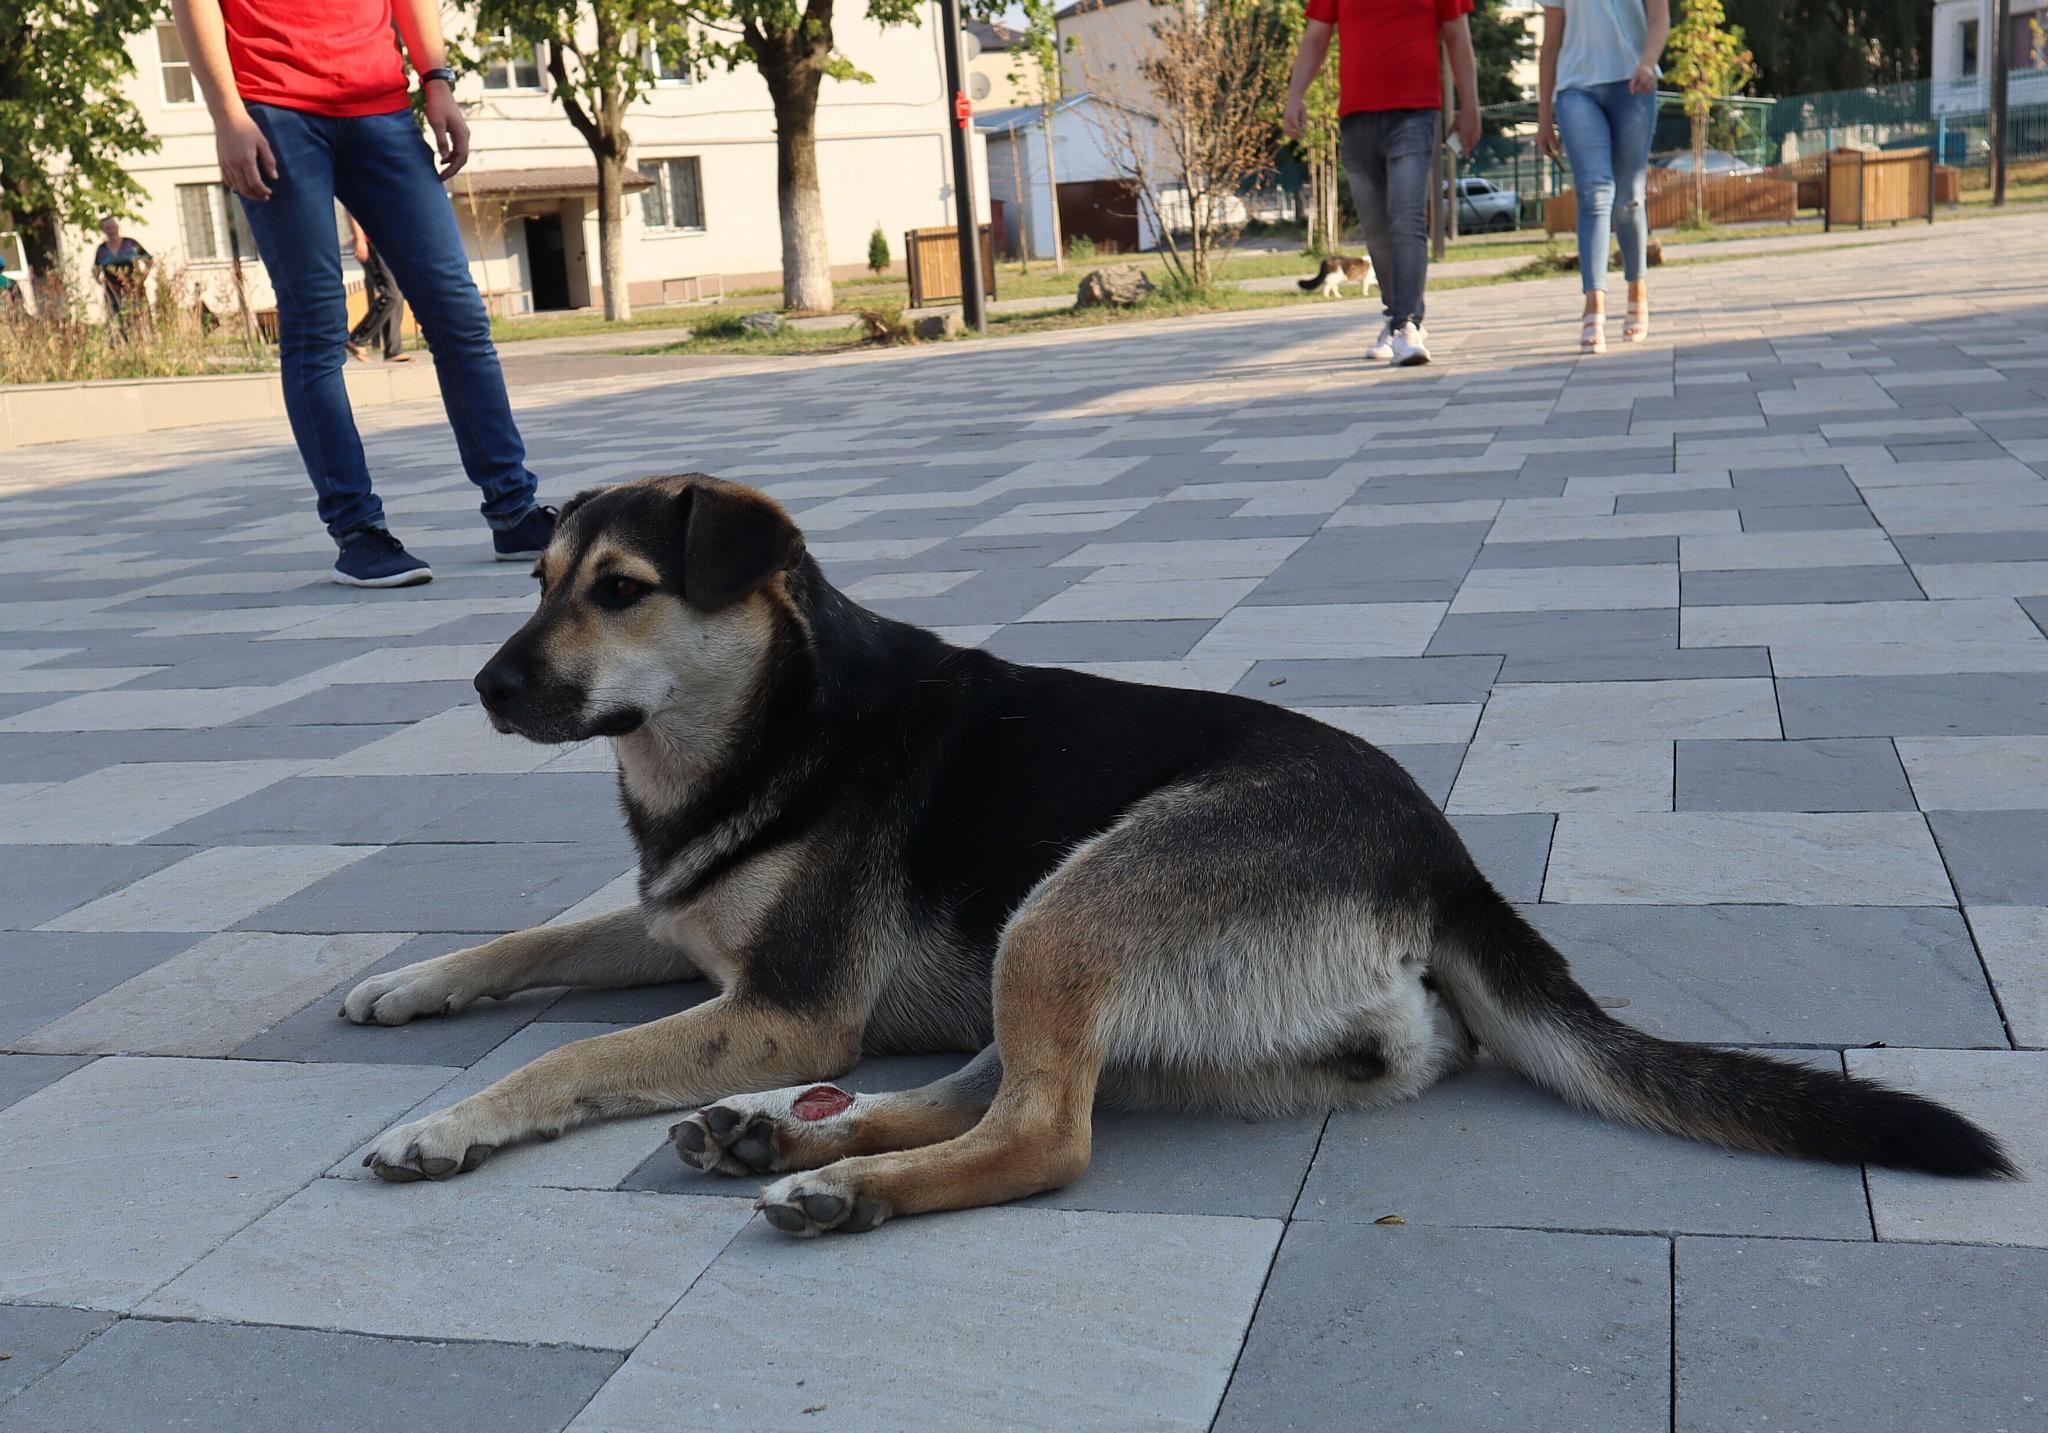 ОНФ призвал власти КБР обеспечить контроль над безнадзорными животными